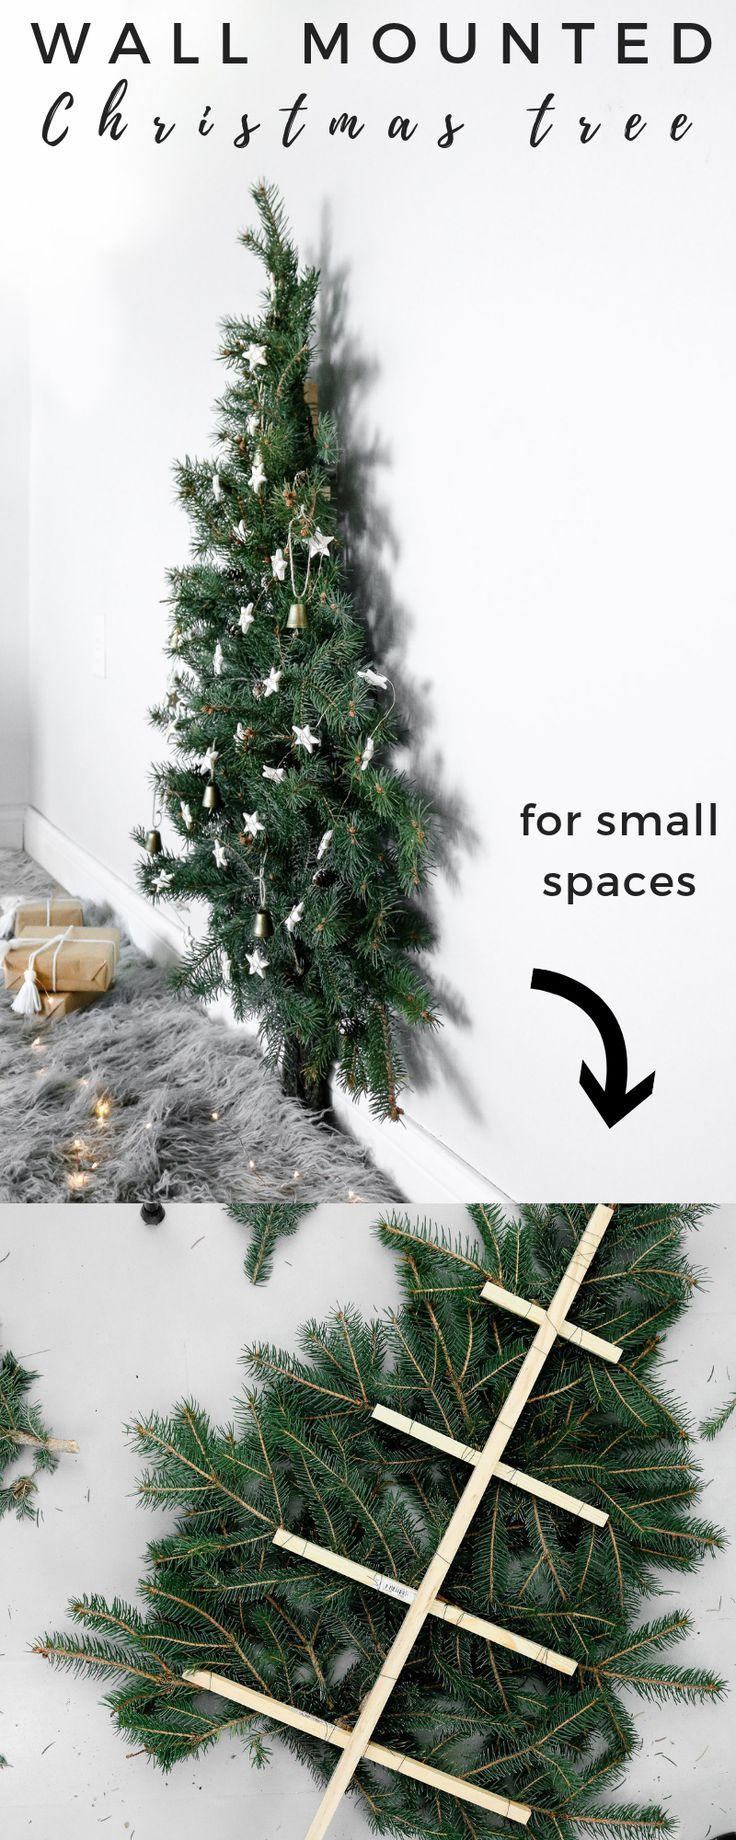 Hier ist ein lustiger und einfacher Weihnachtsbaum, den Sie machen können, wenn Sie in einem kleinen